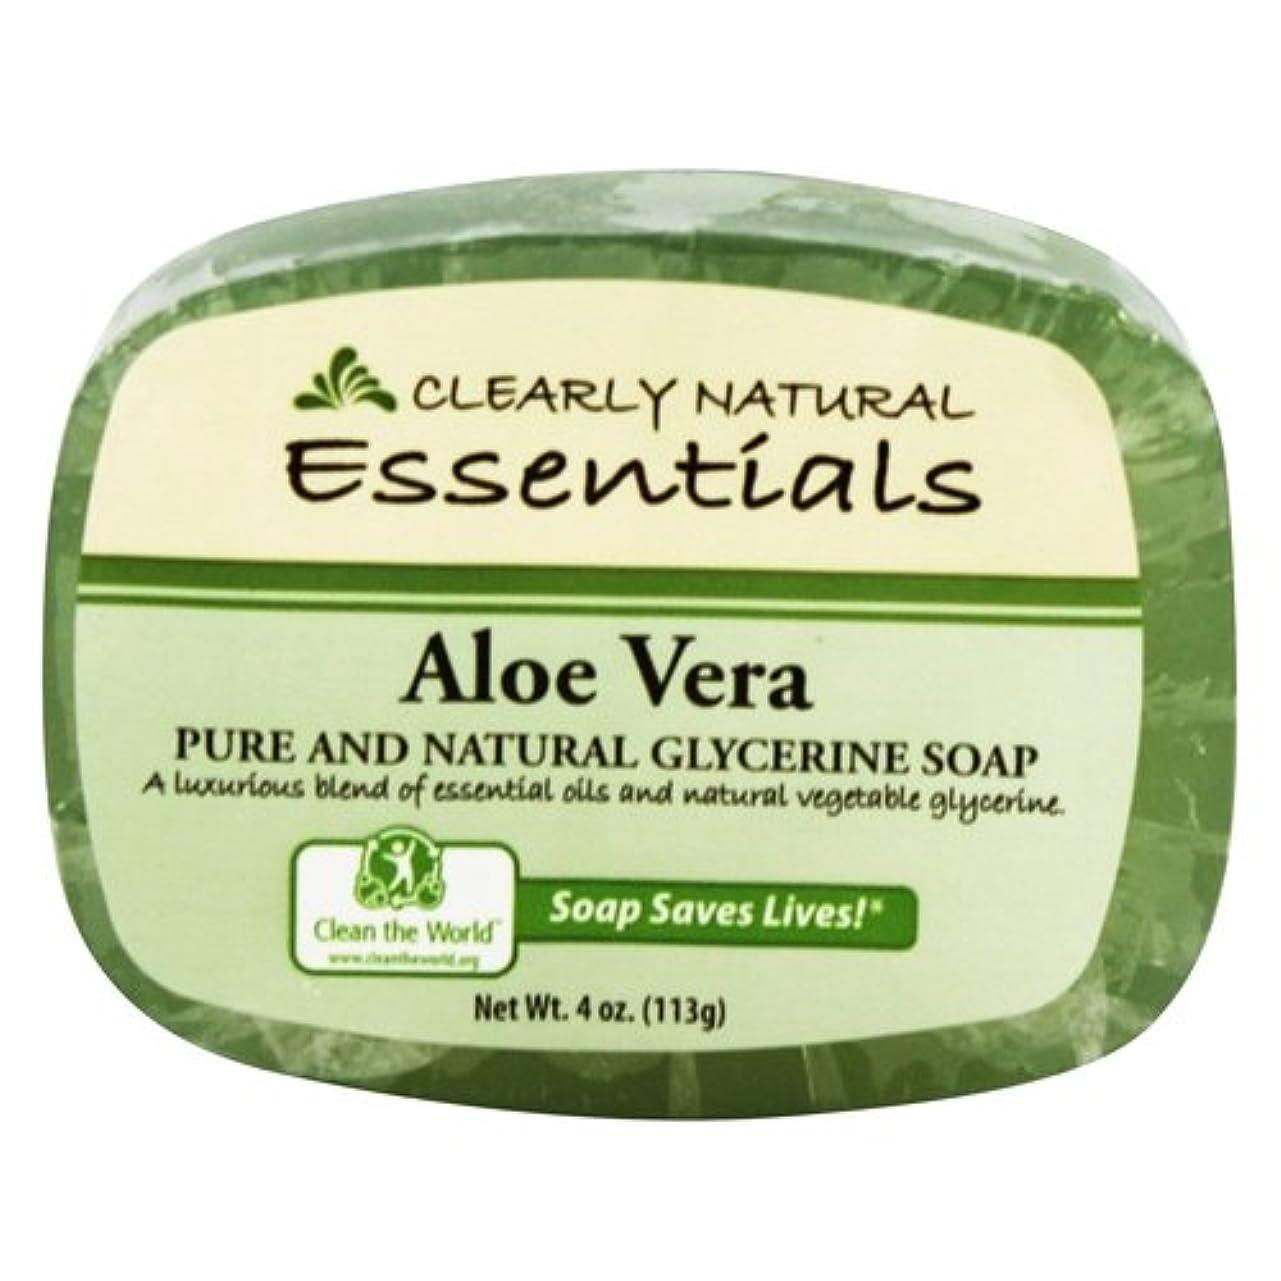 作ります入射スラムClearly Natural - グリセリン石鹸アロエベラ - 4ポンド